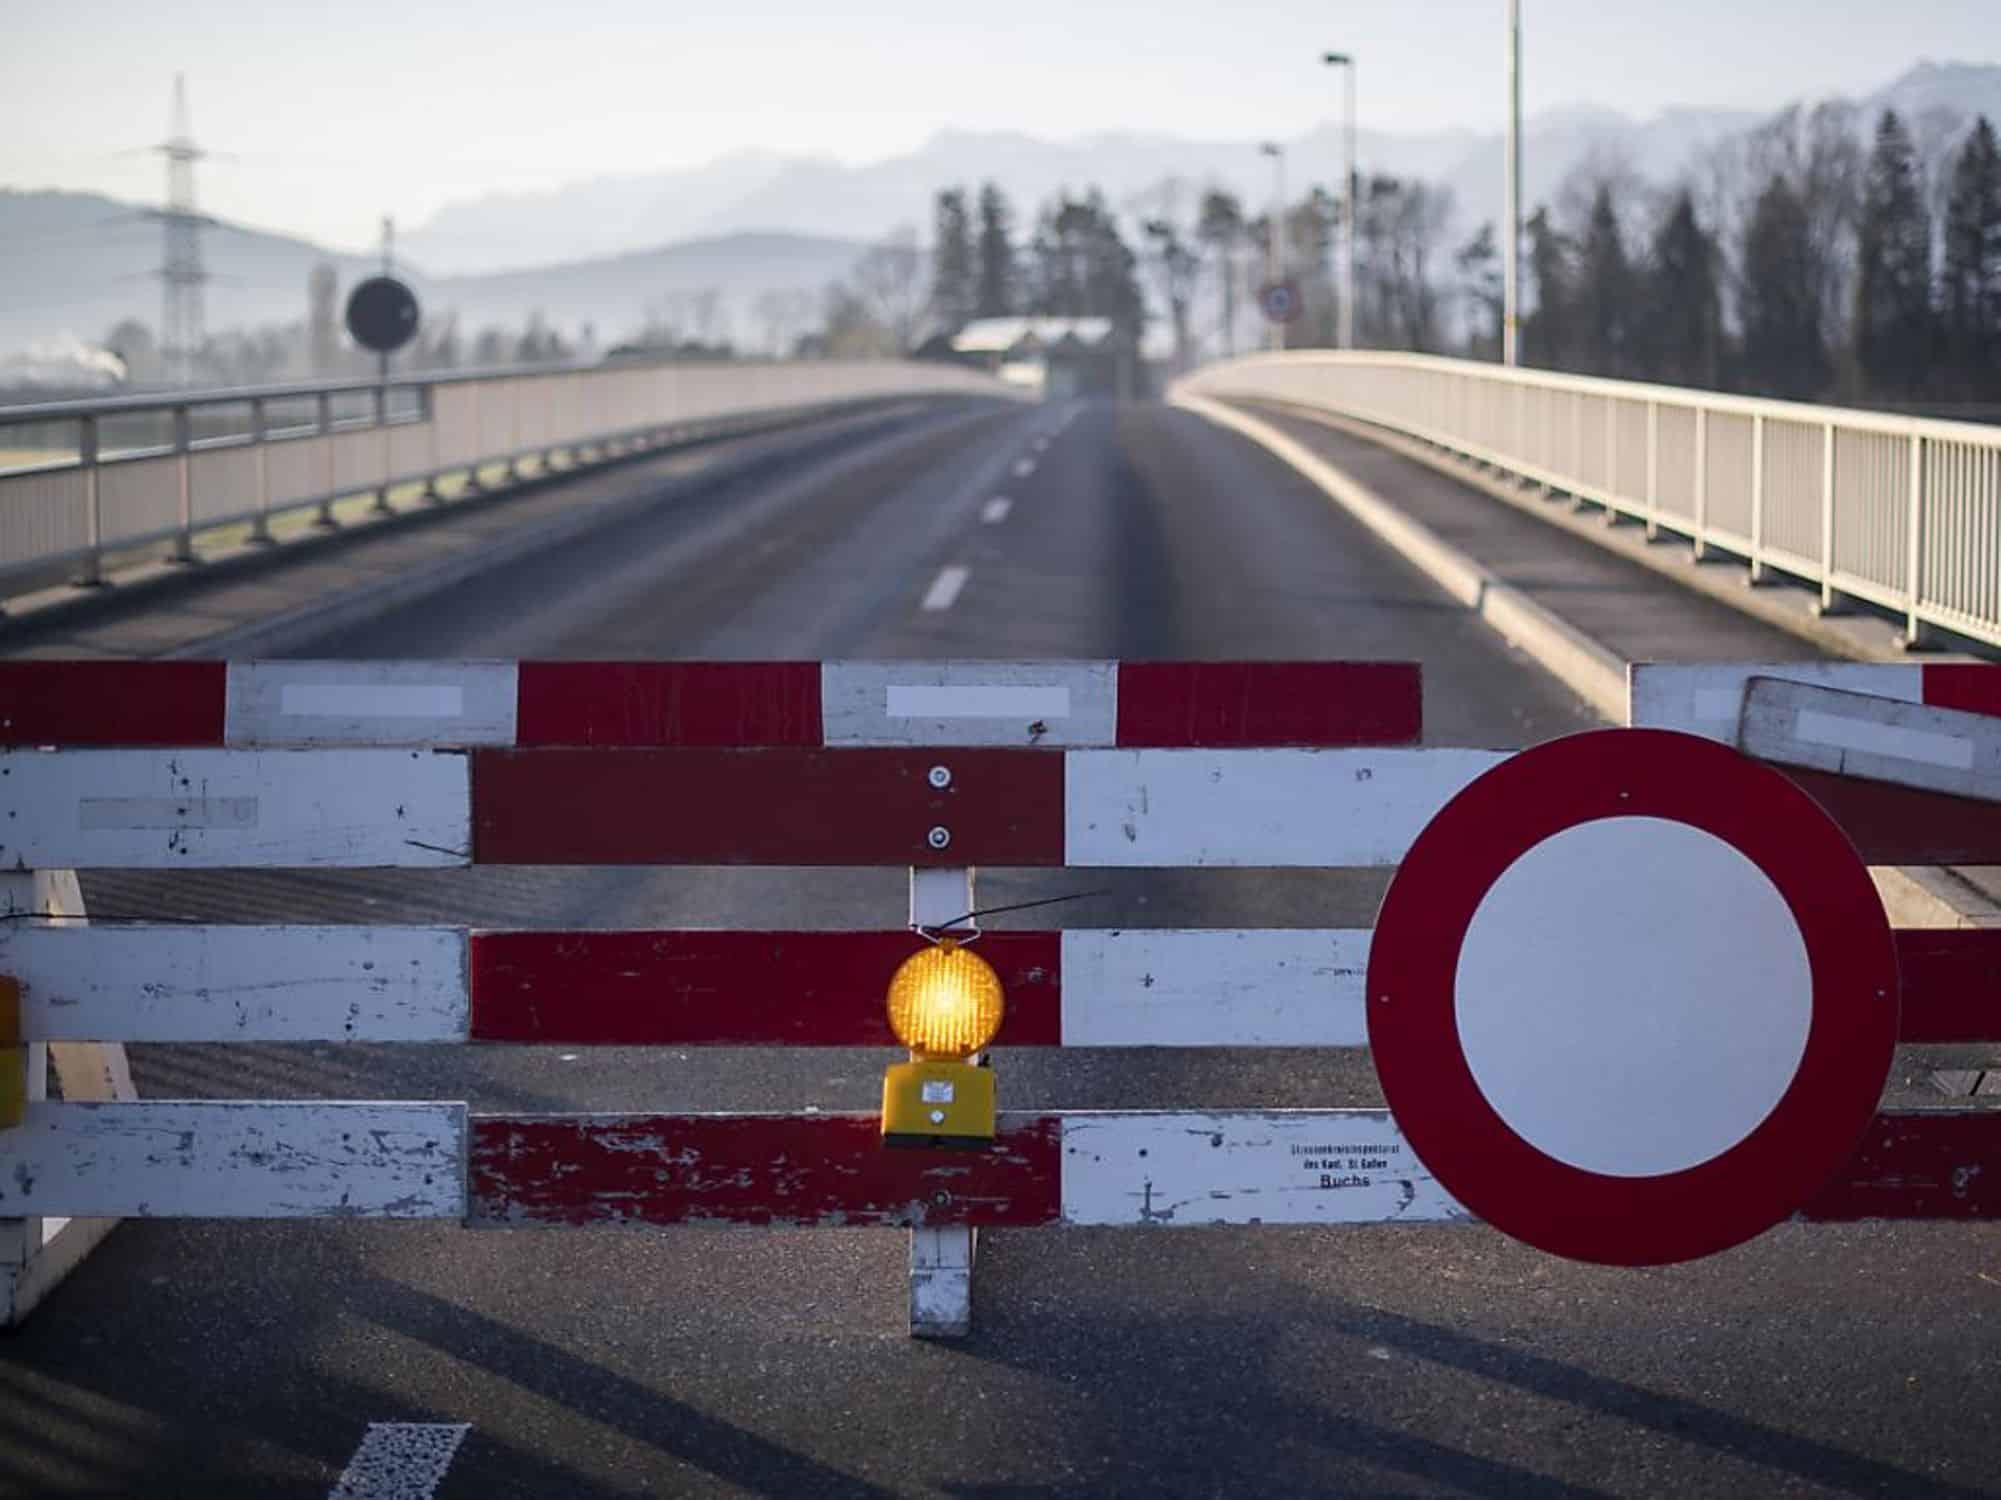 La frontière suisse avec l'Allemagne et l'Autriche seront à nouveau ouvertes à partir du 15 juin. (Keystone/archive).